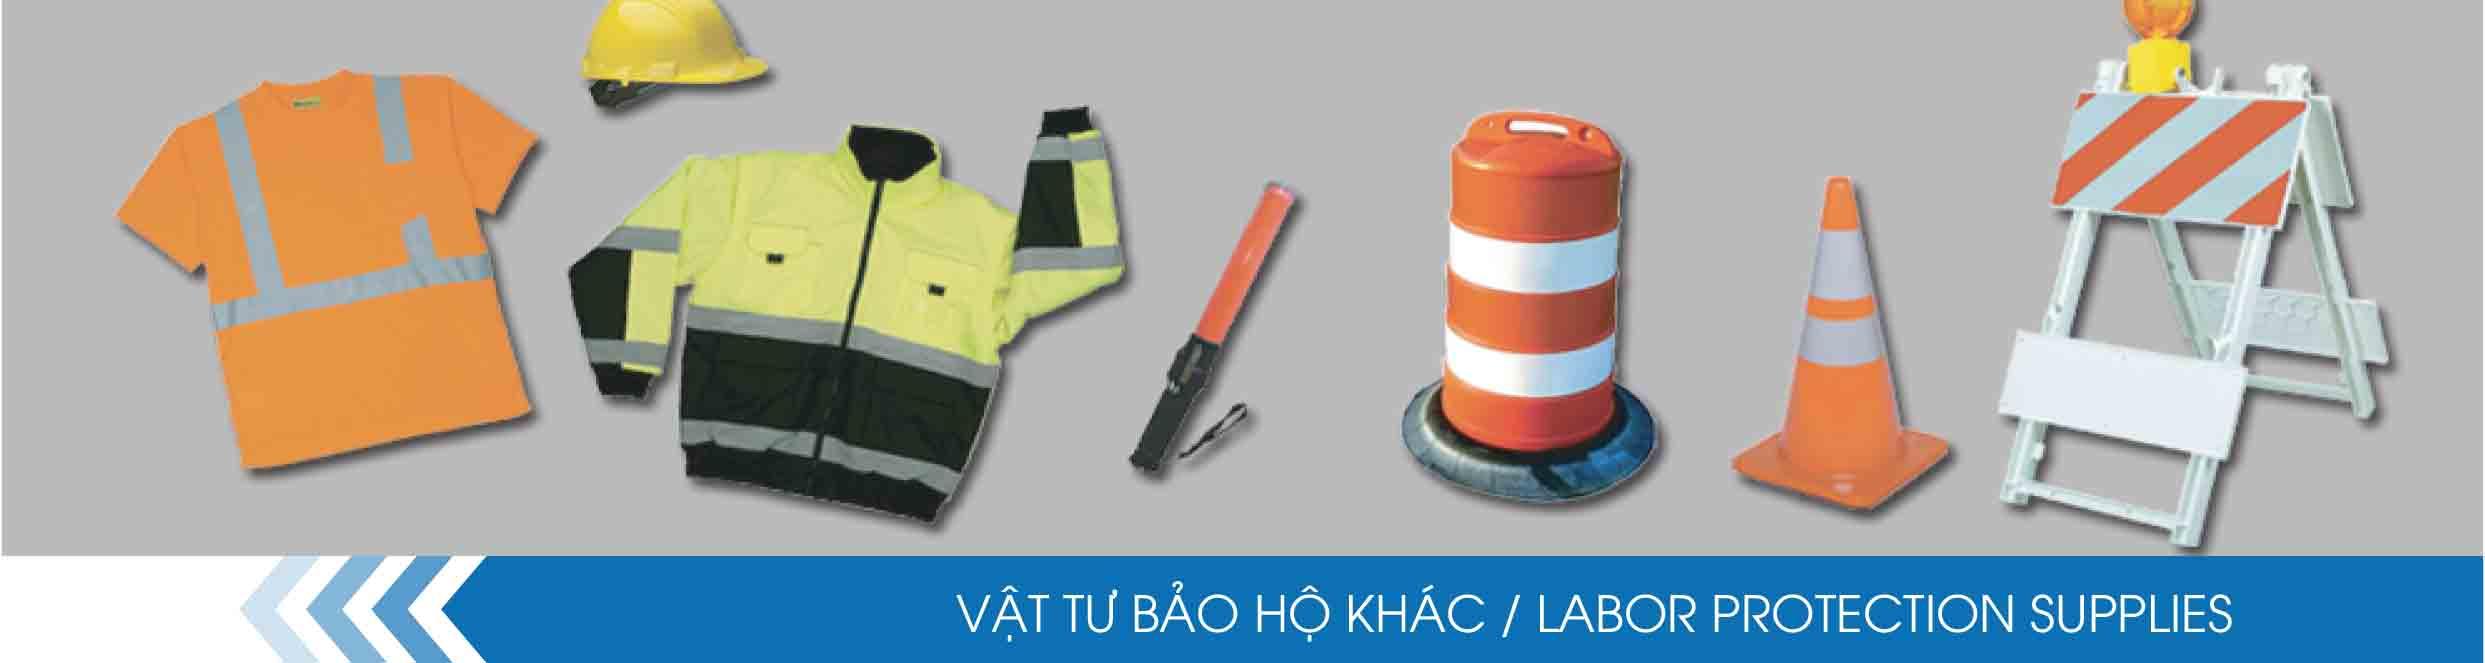 (Tiếng Việt) Vật tư bảo hộ khác